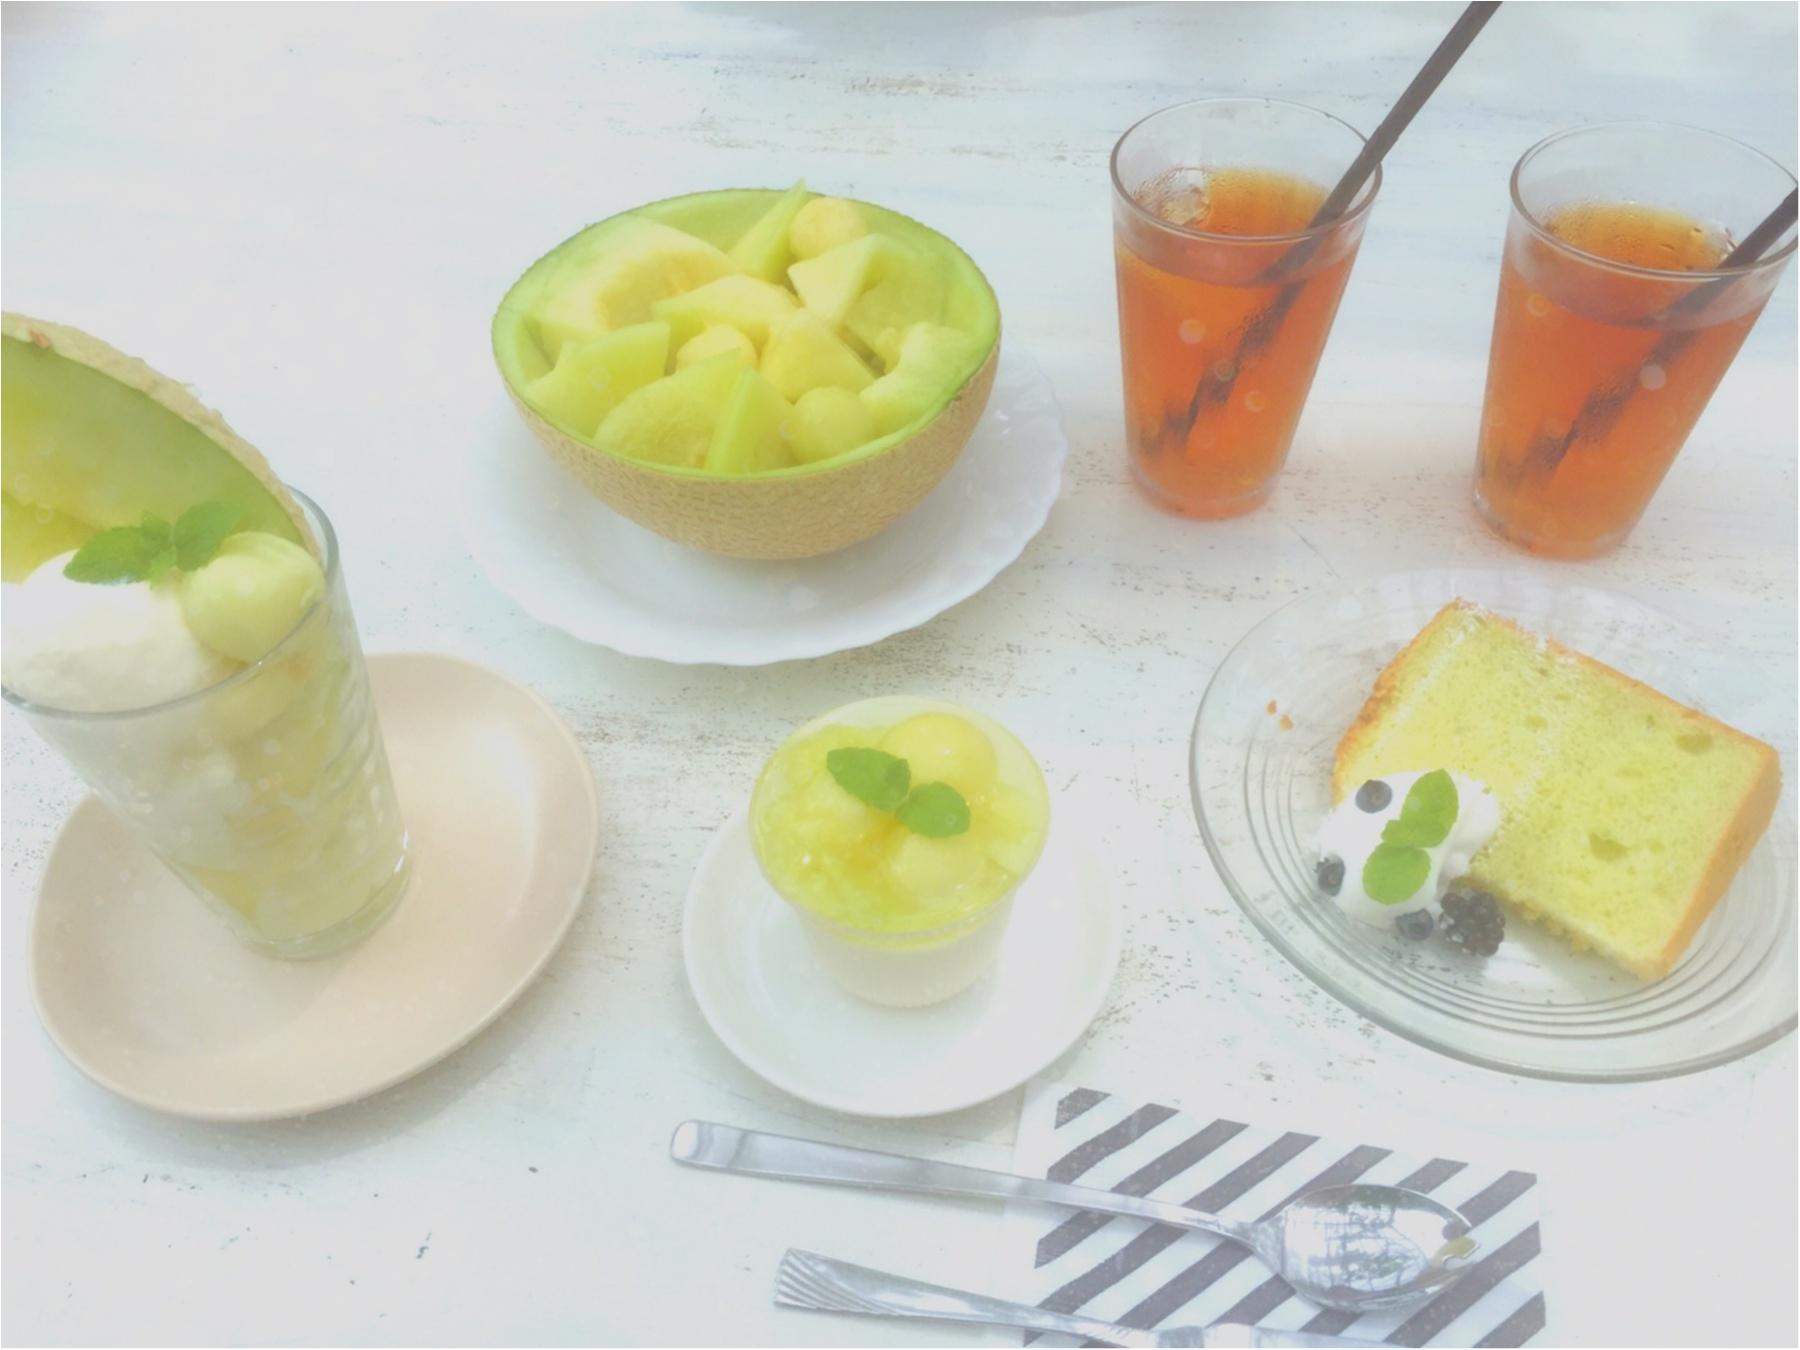 メロン好きは必見♡【名倉メロン農場】のメロンづくしのカフェに行ってきました♡_3